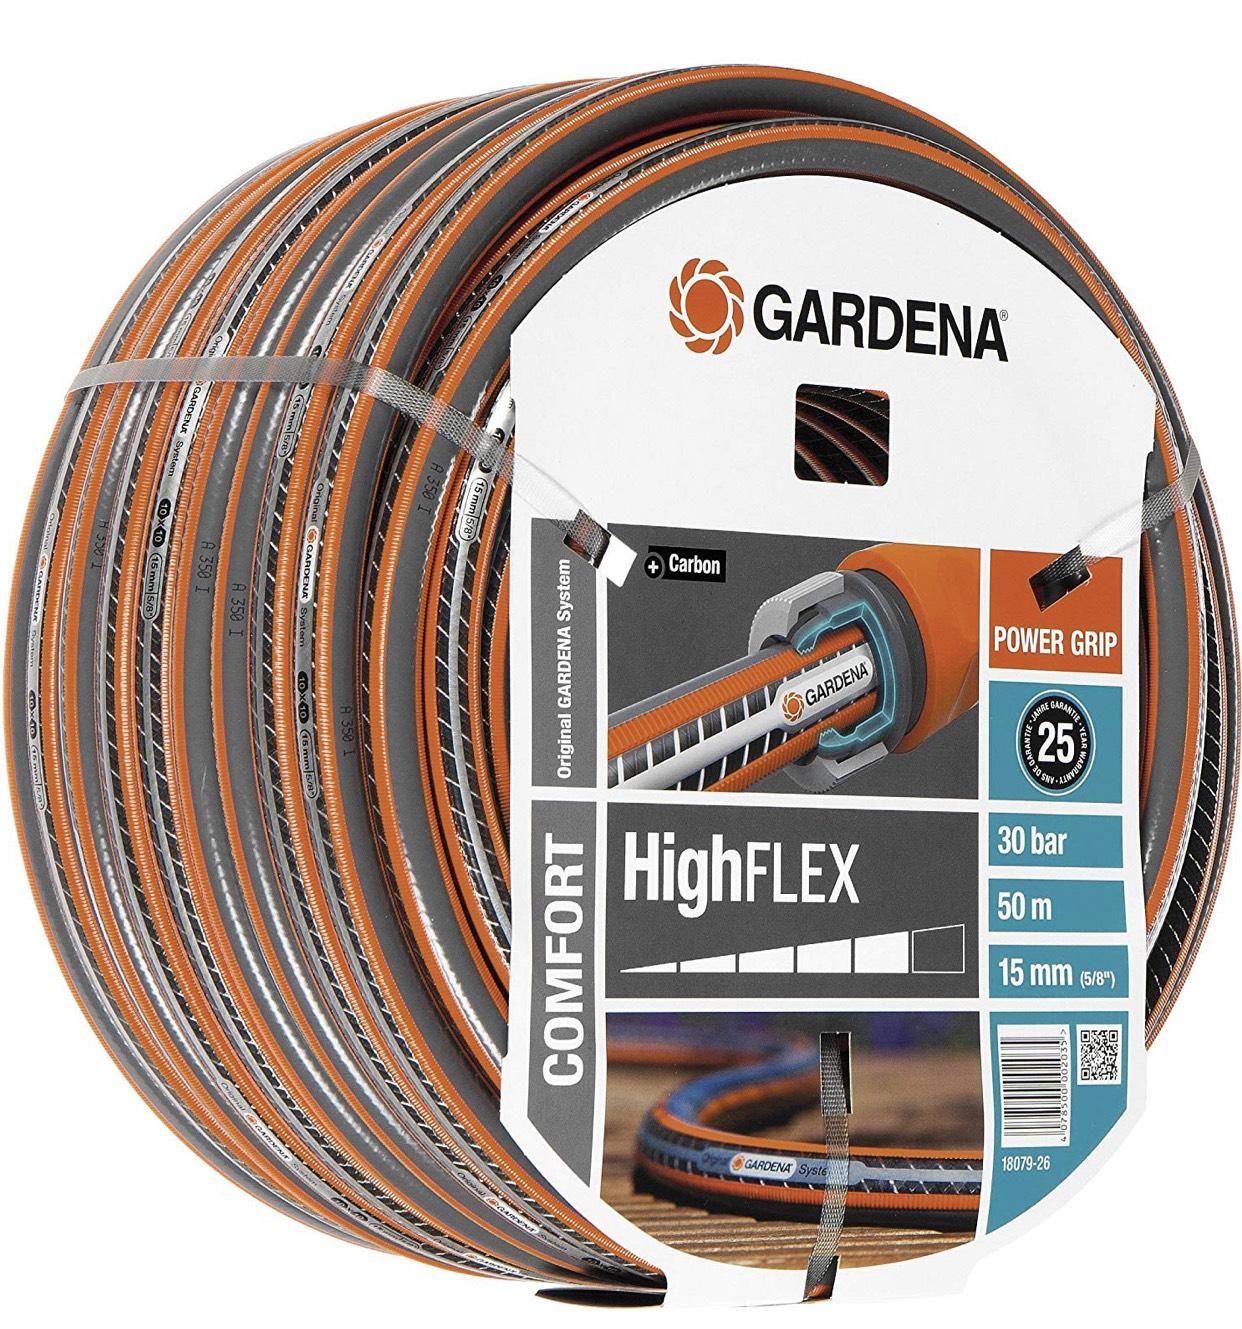 50m Gartenschlauch Gardena Highflex Comfort Ø 15 mm für 22,23€ (Amazon.es)